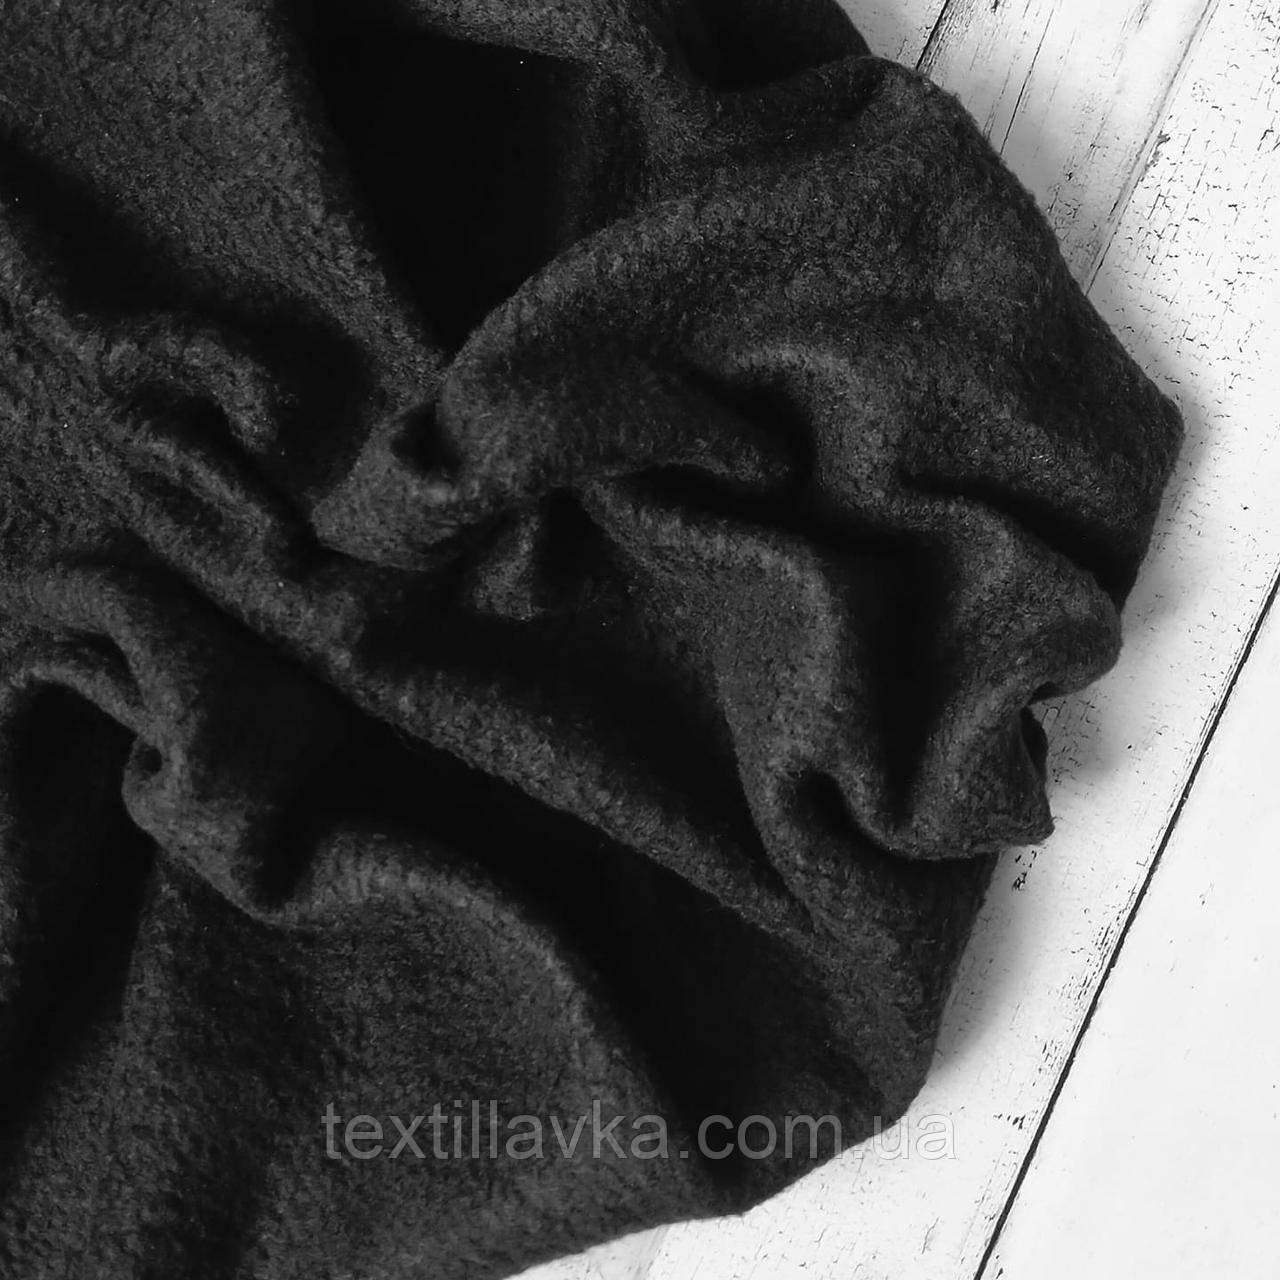 Ткань флис черный, размер 50см/36см